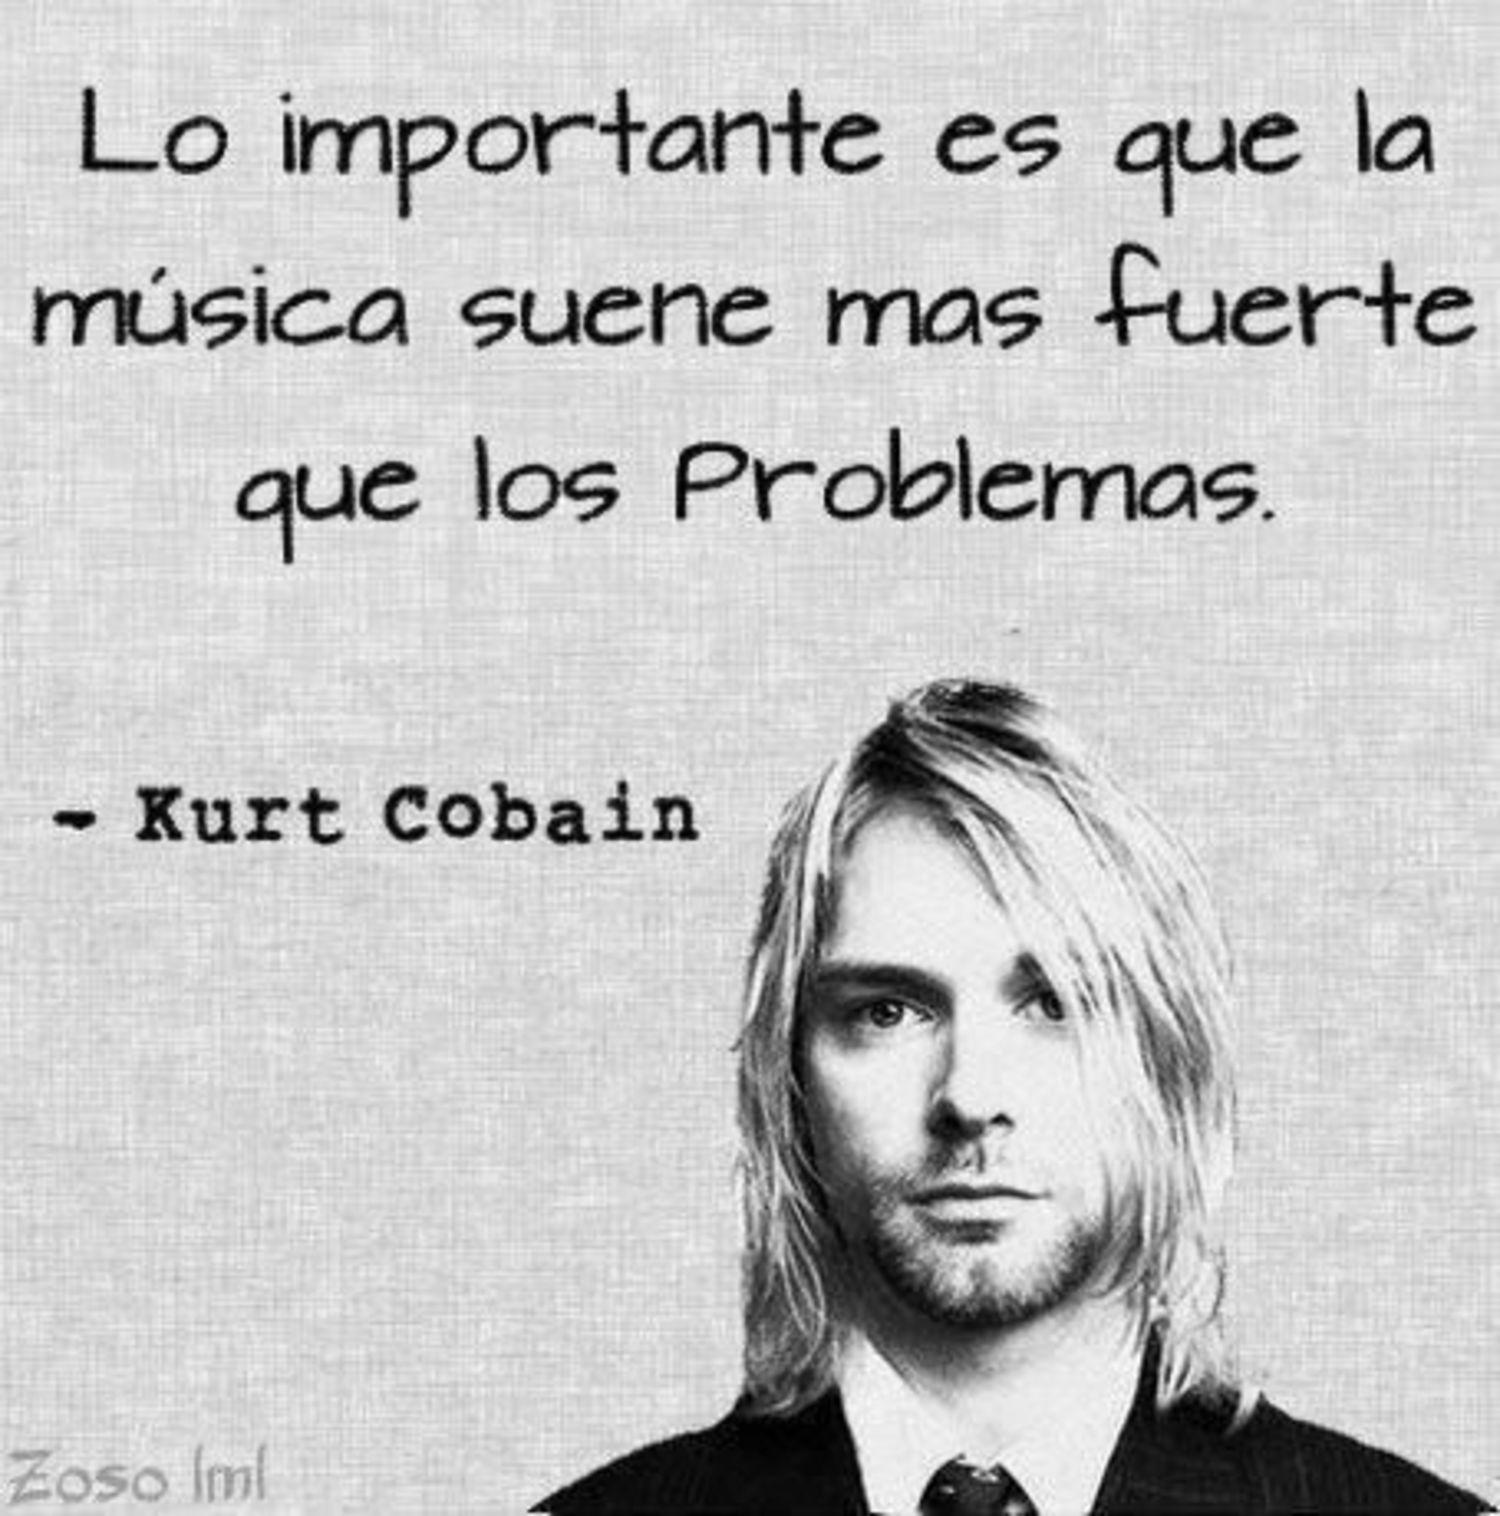 lo importante es que la música suene mas fuerte que los problemas. - Kurt Cobain